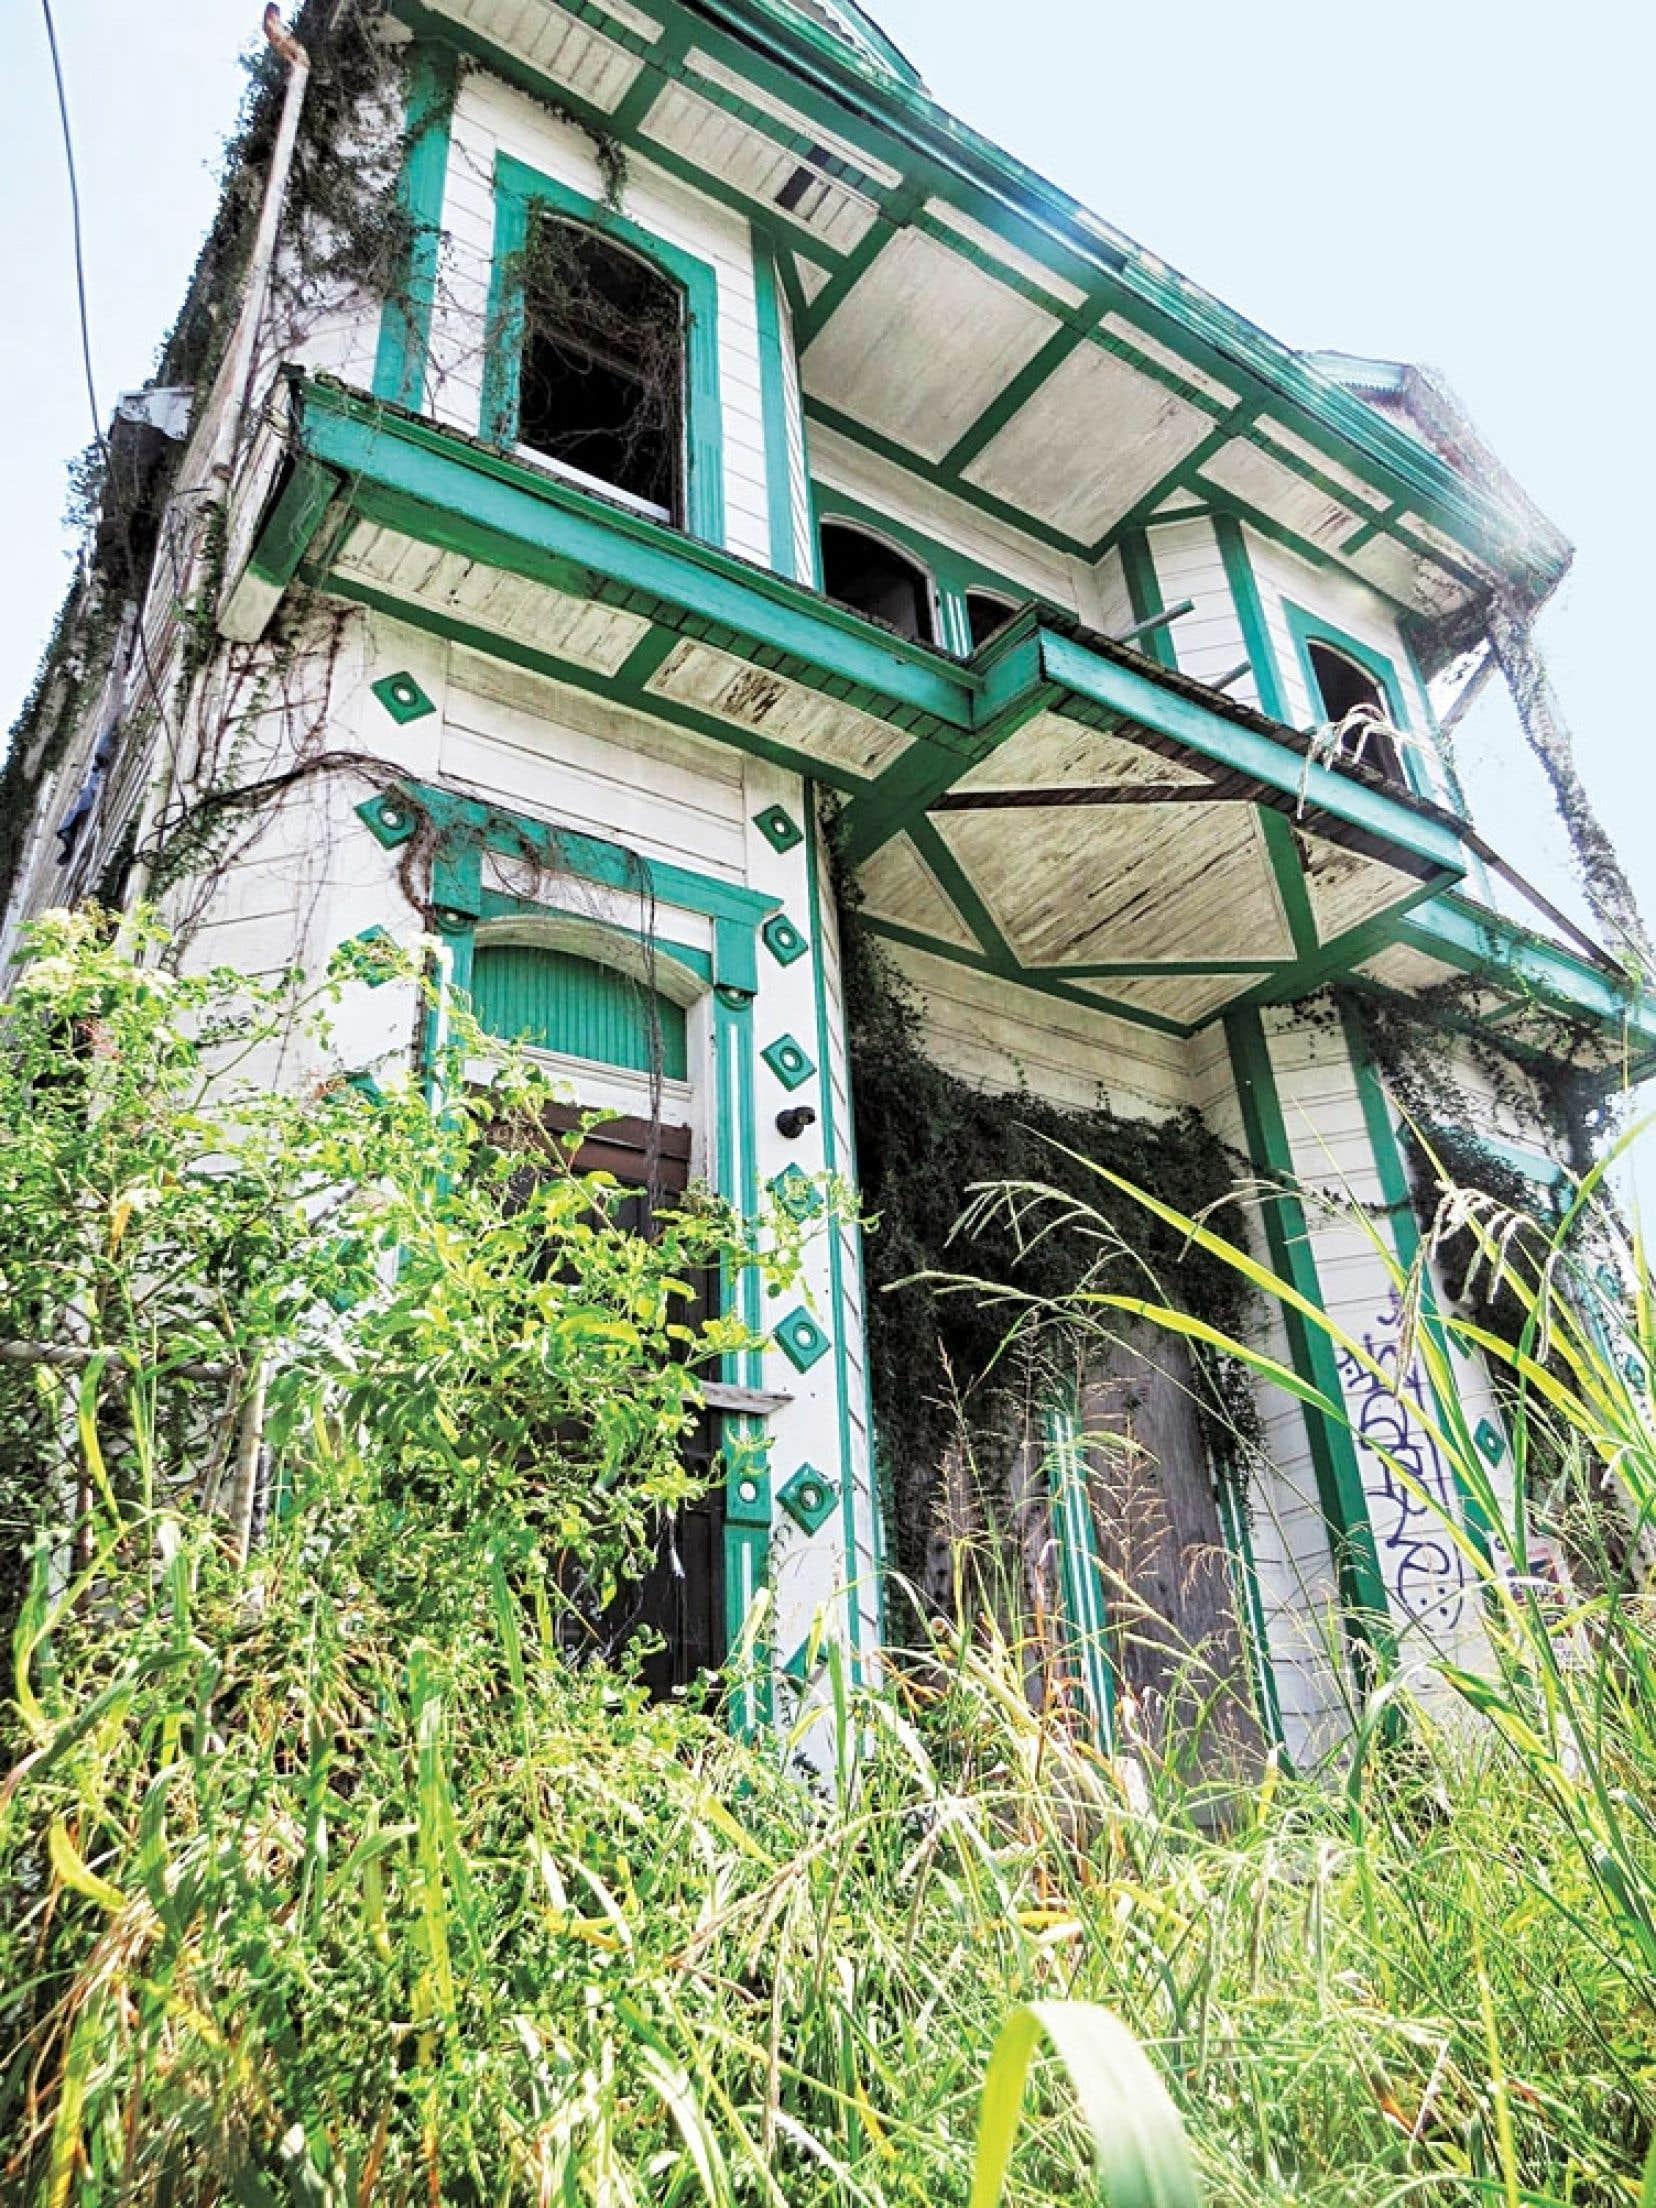 De petites jungles verdoient autour de demeures laissées en ruine par le passage de l'ouragan Katrina.